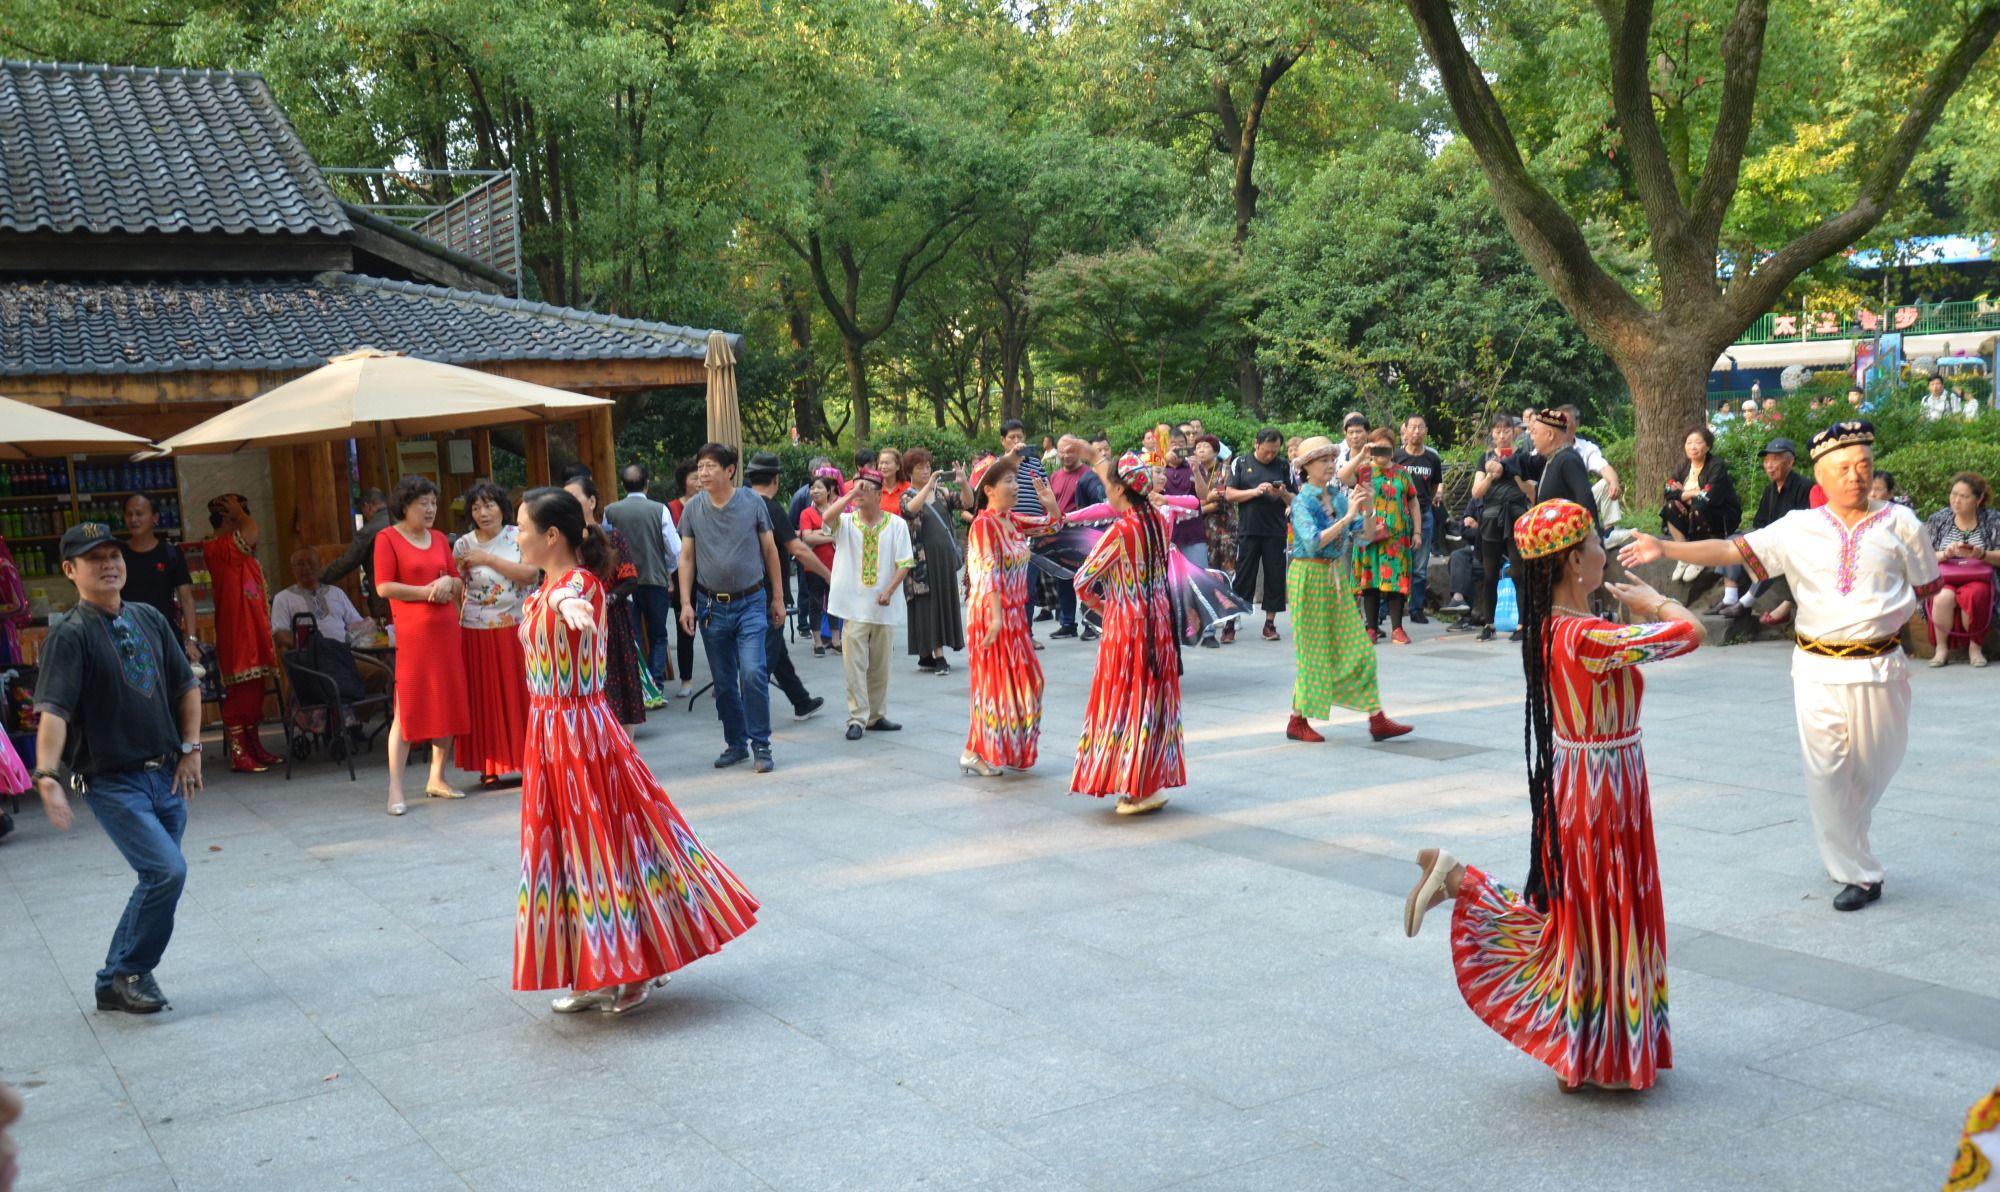 镜头记录1:看不够的新疆舞